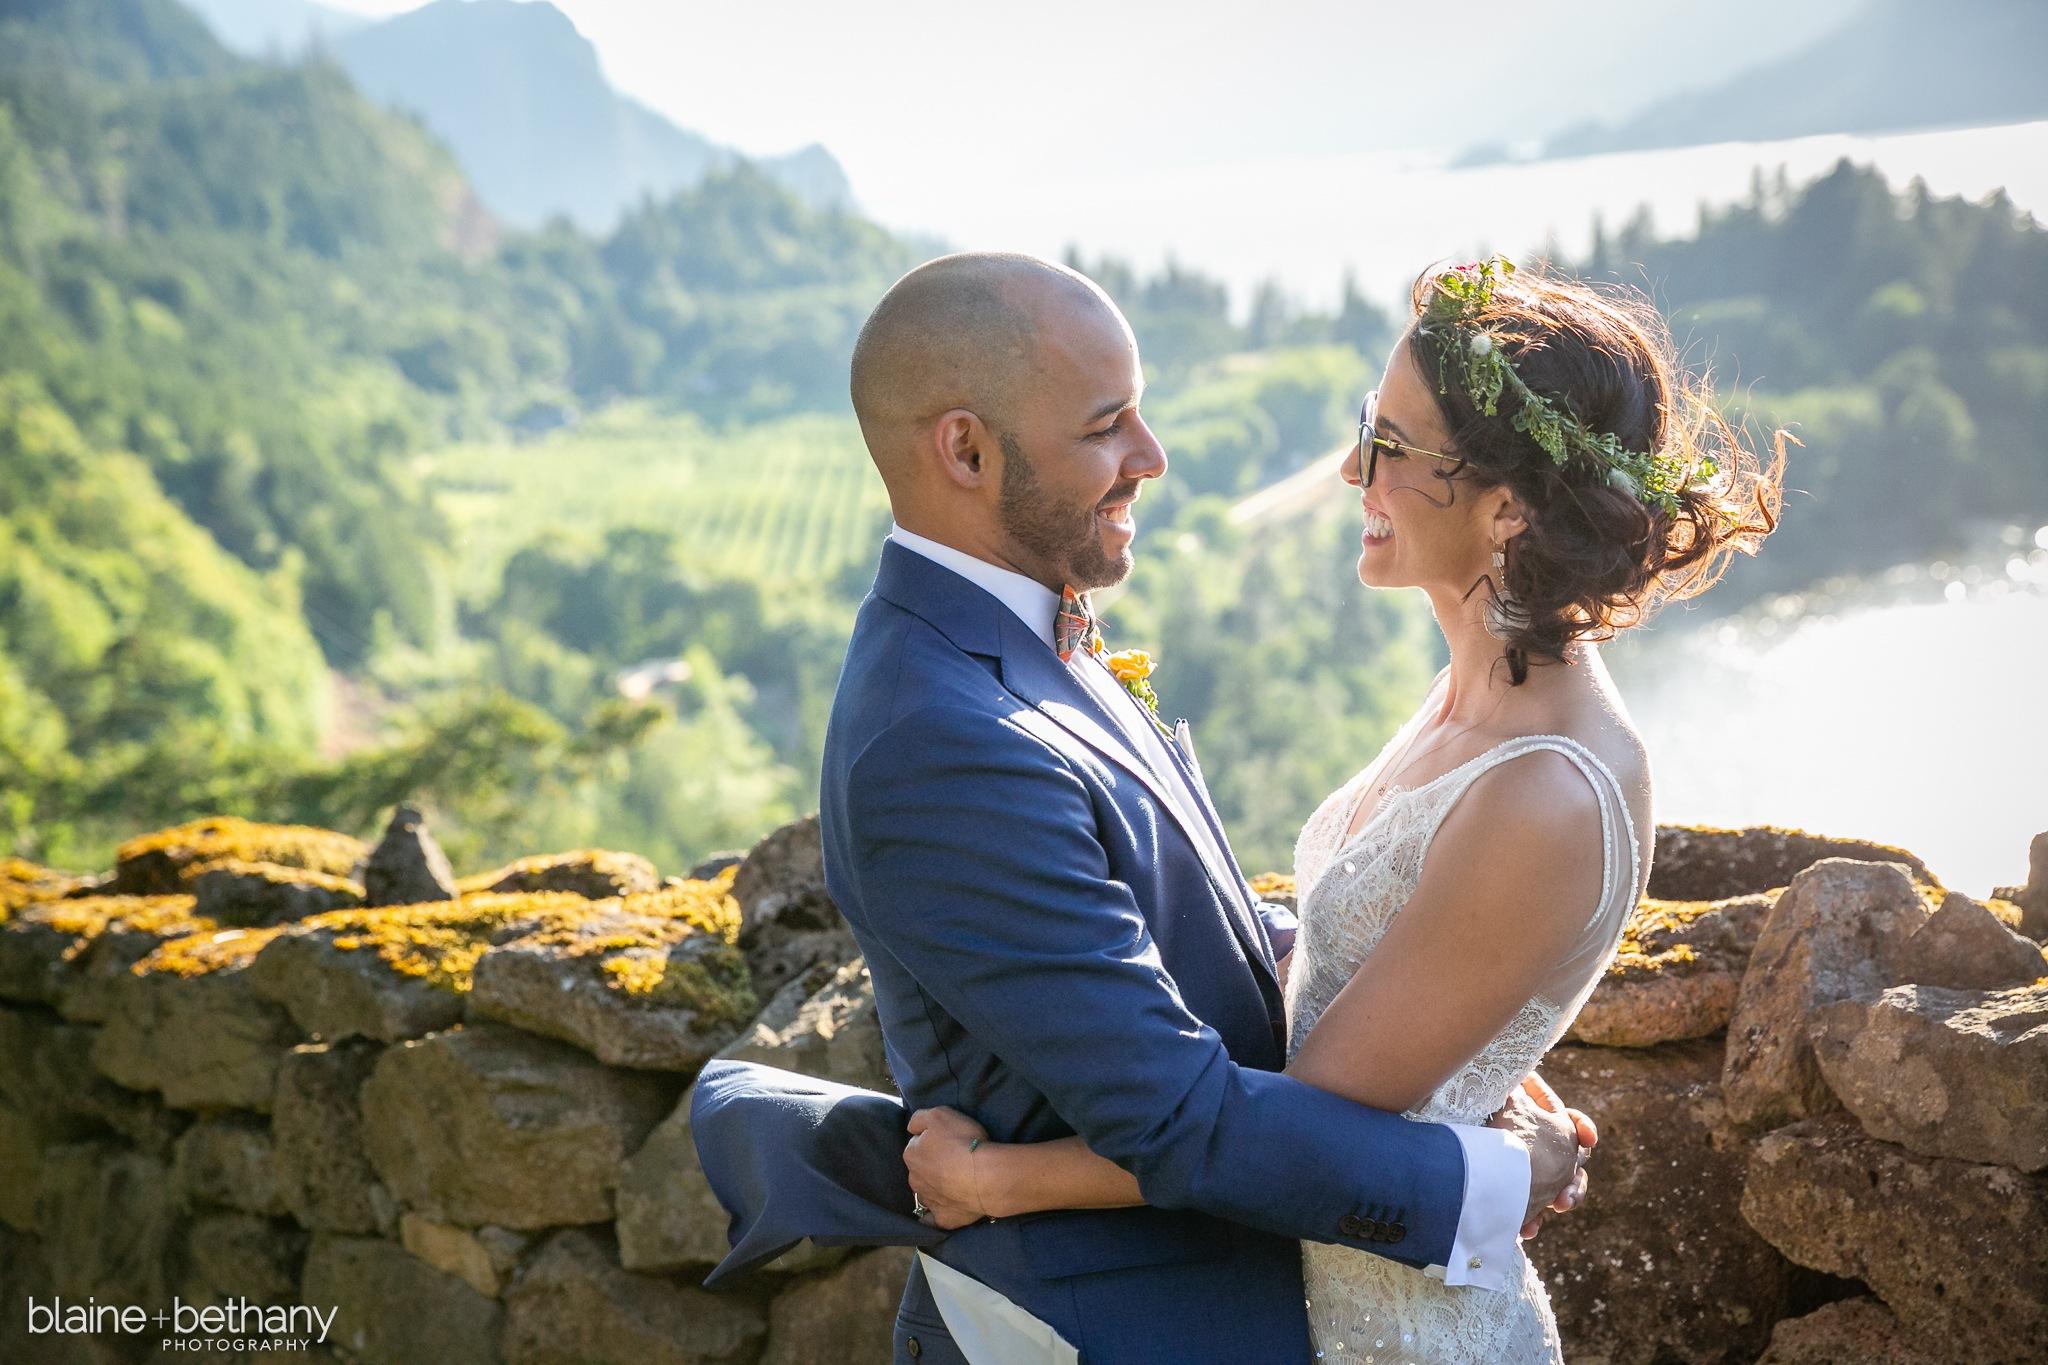 ss073-372-10-briana-jesse-wedding.jpg